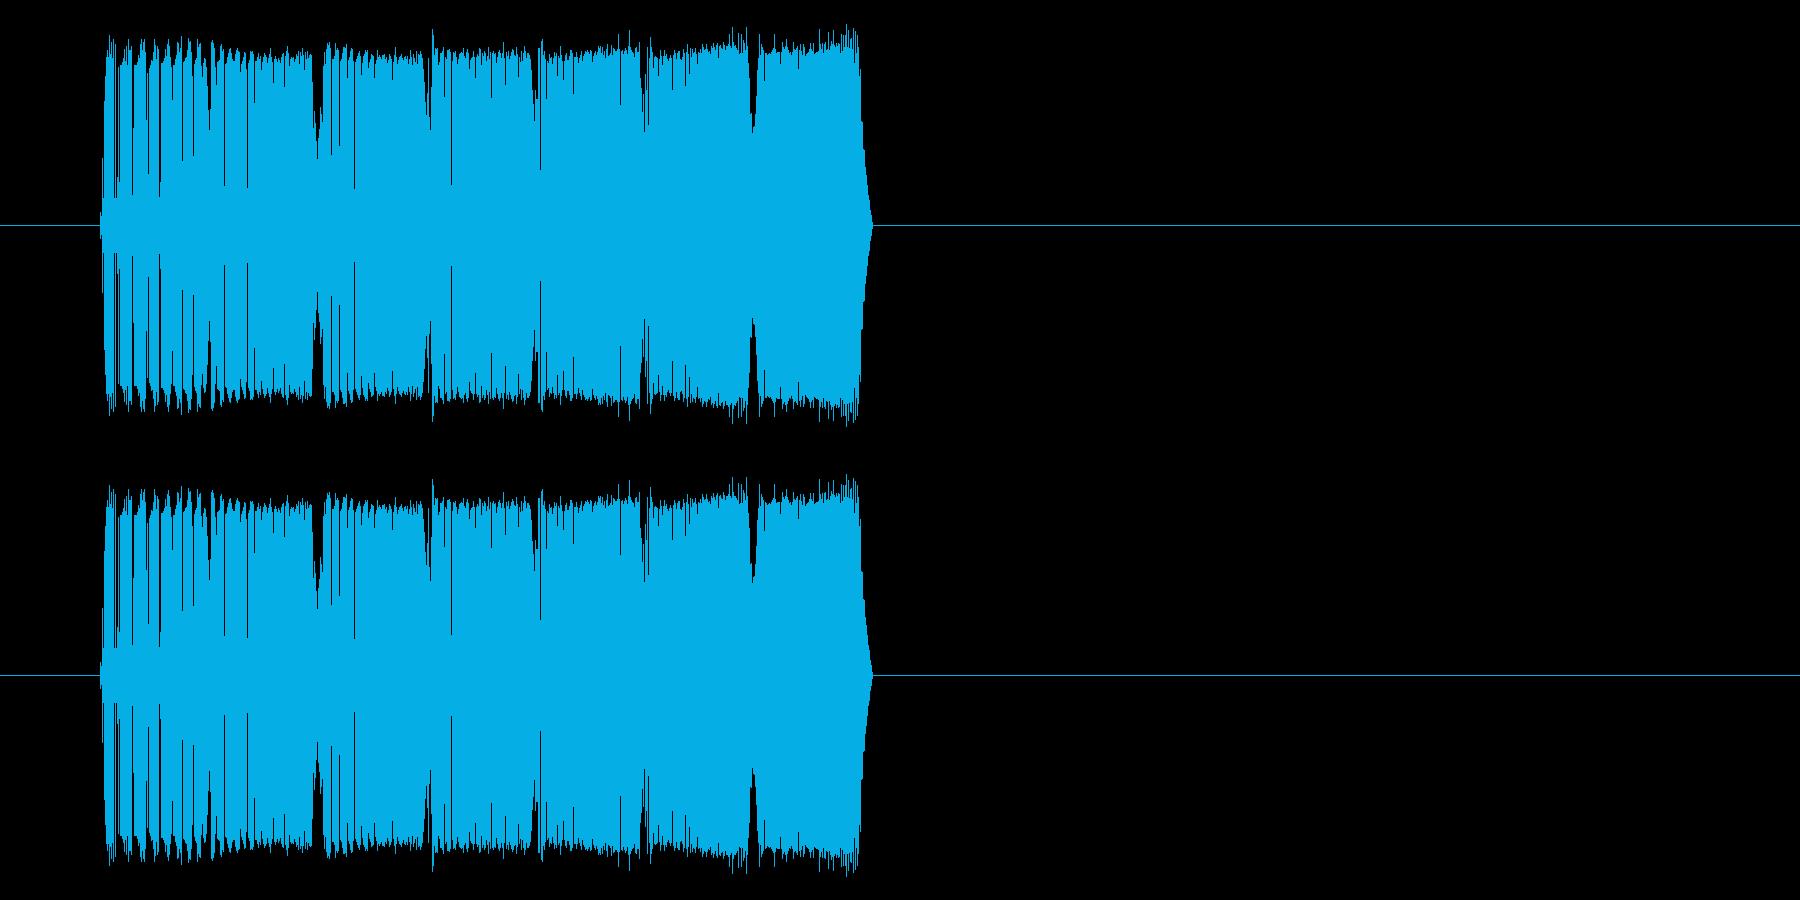 【NES-RPG01-05(魔法)】の再生済みの波形